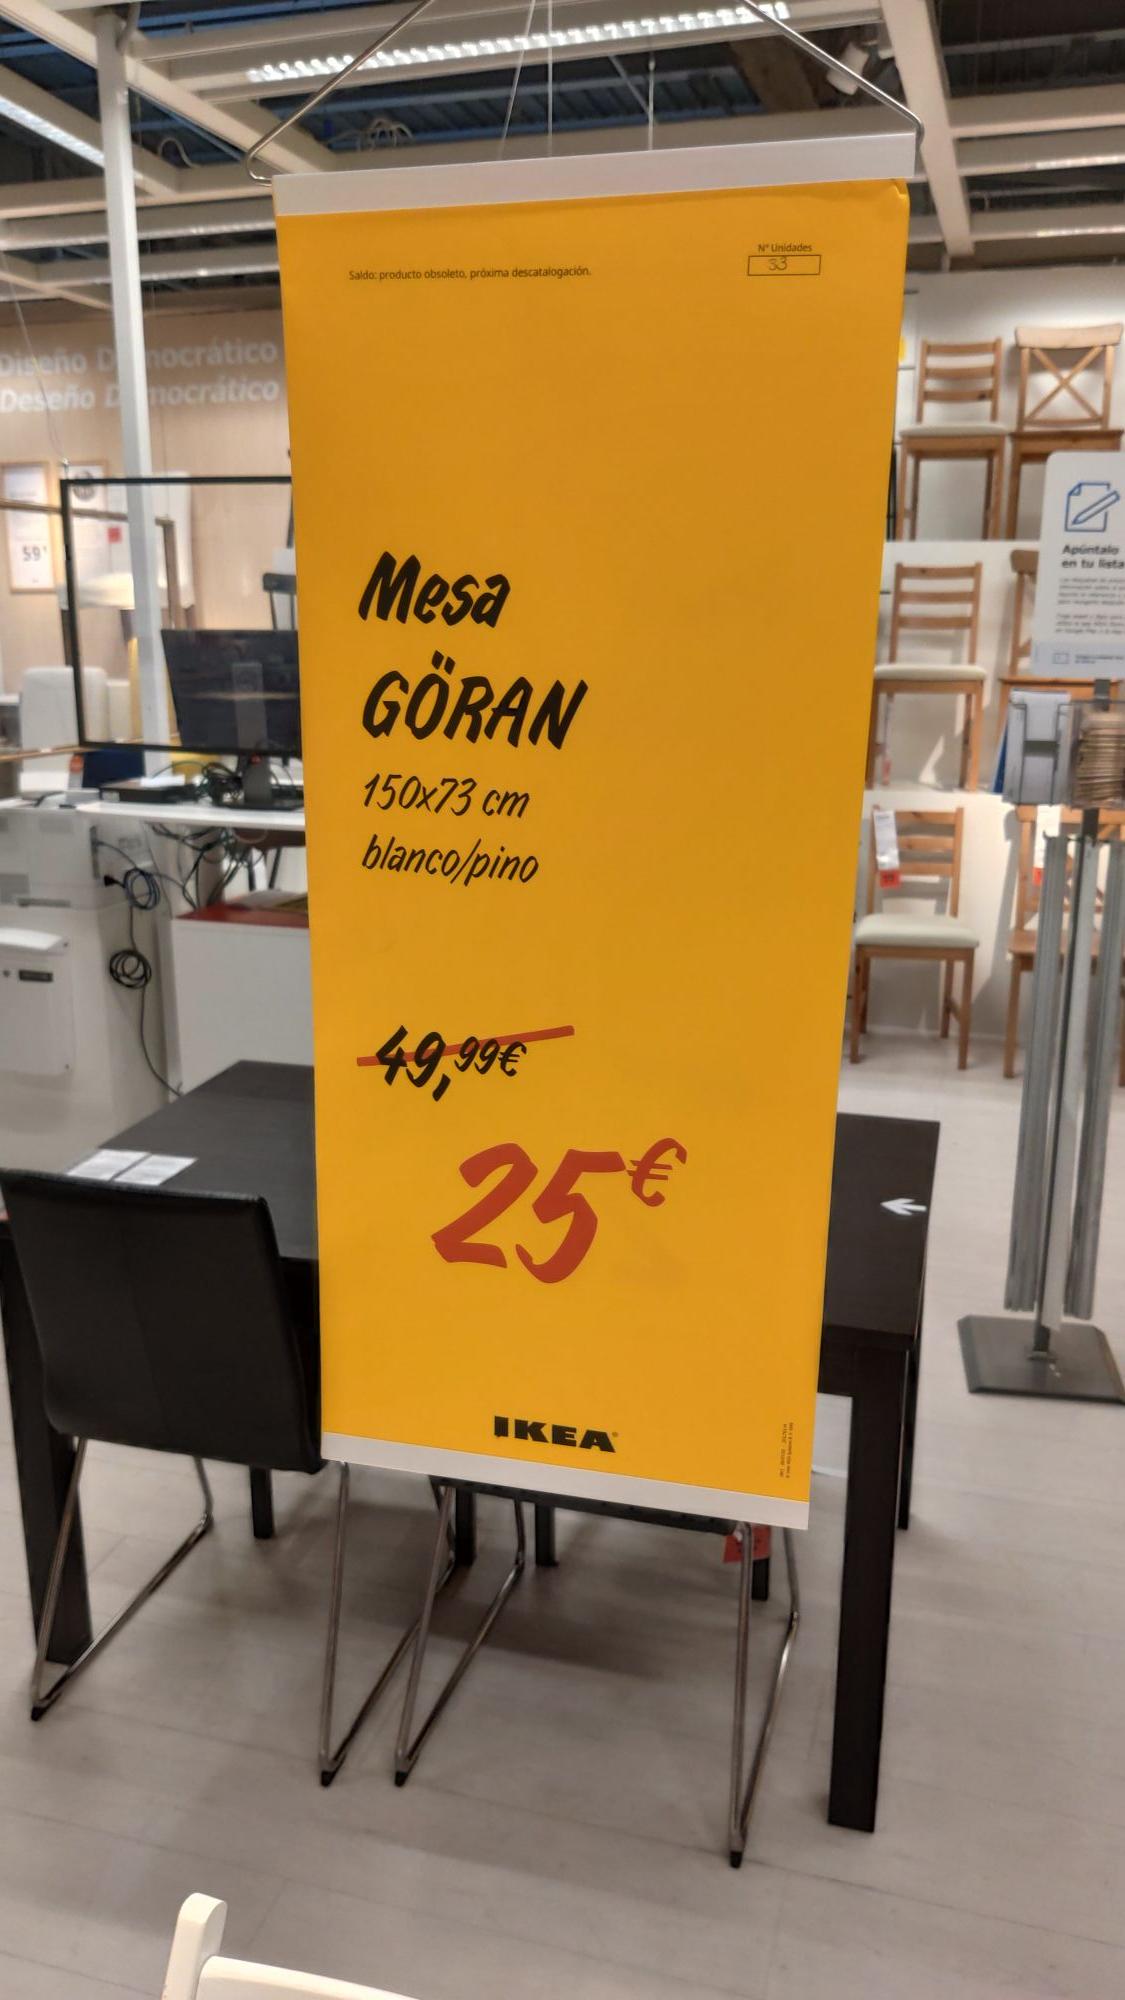 Mesa a buen precio en Ikea de A Coruña